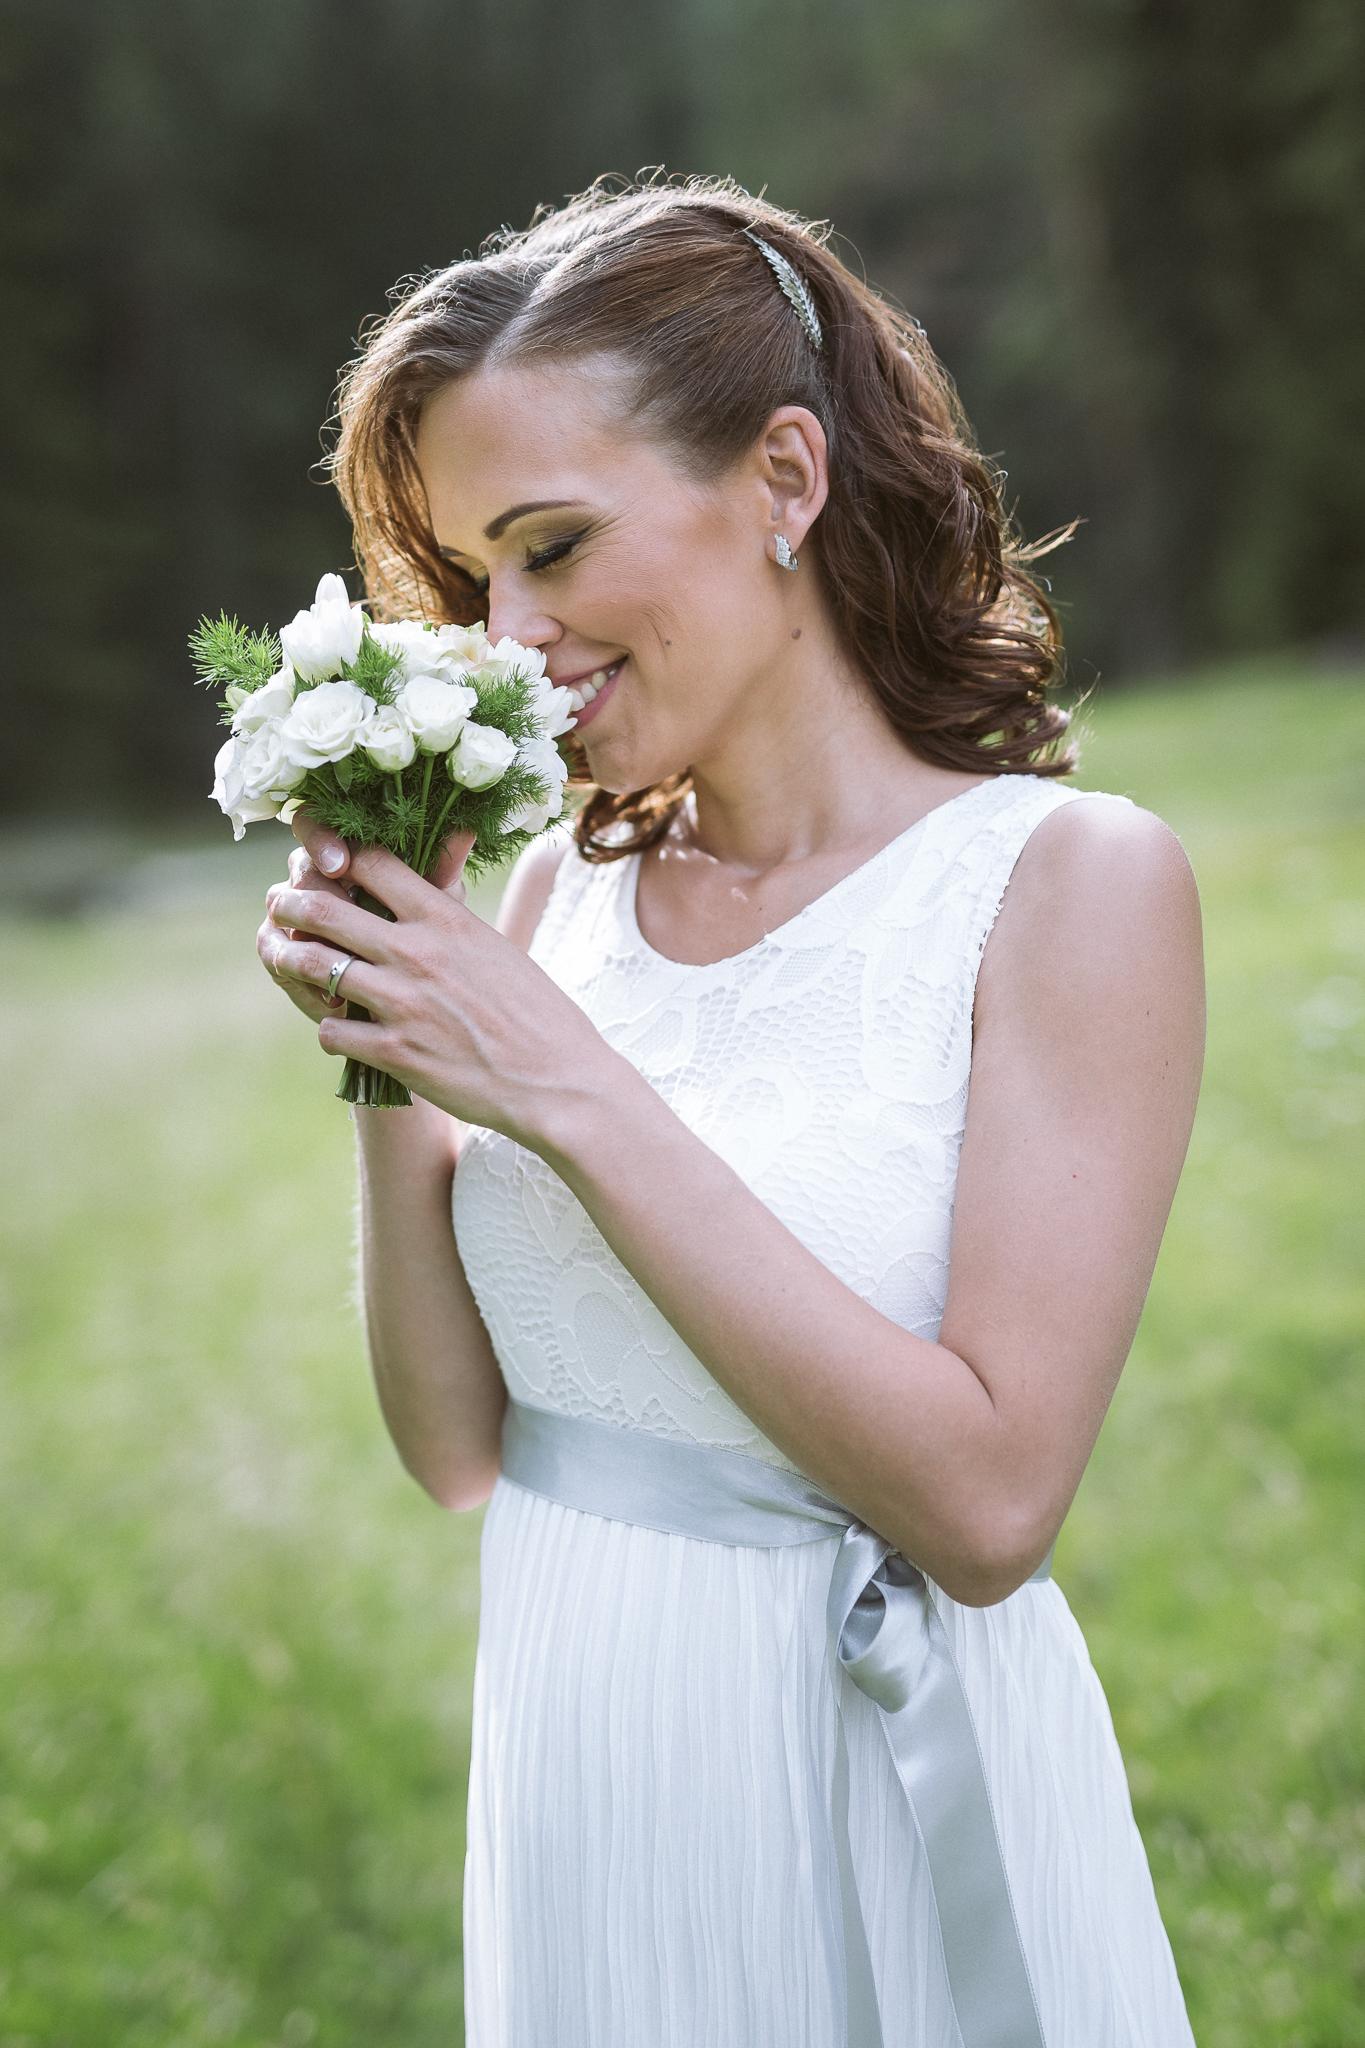 FylepPhoto, esküvőfotózás, magyarország, esküvői fotós, vasmegye, prémium, jegyesfotózás, Fülöp Péter, körmend, kreatív, grüner see_22.jpg